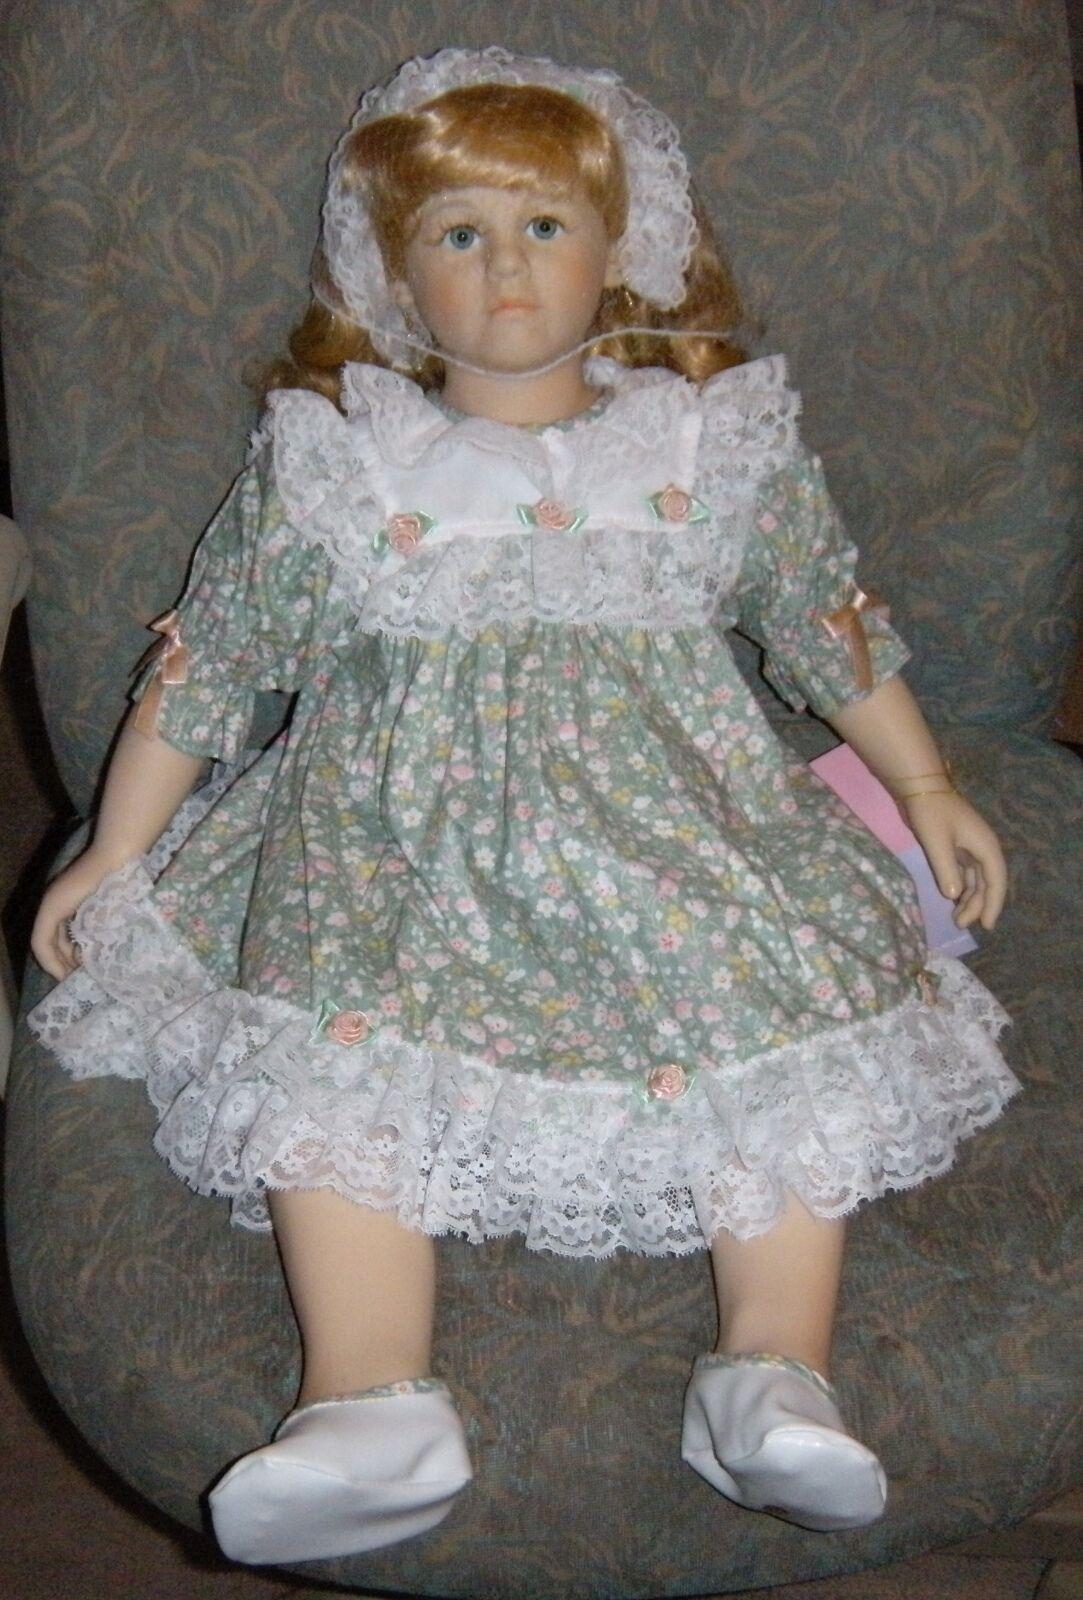 William Tung Colección Vinilo Paño Girl Doll Patty Coleccionable certificado de autenticidad 26  Nuevo